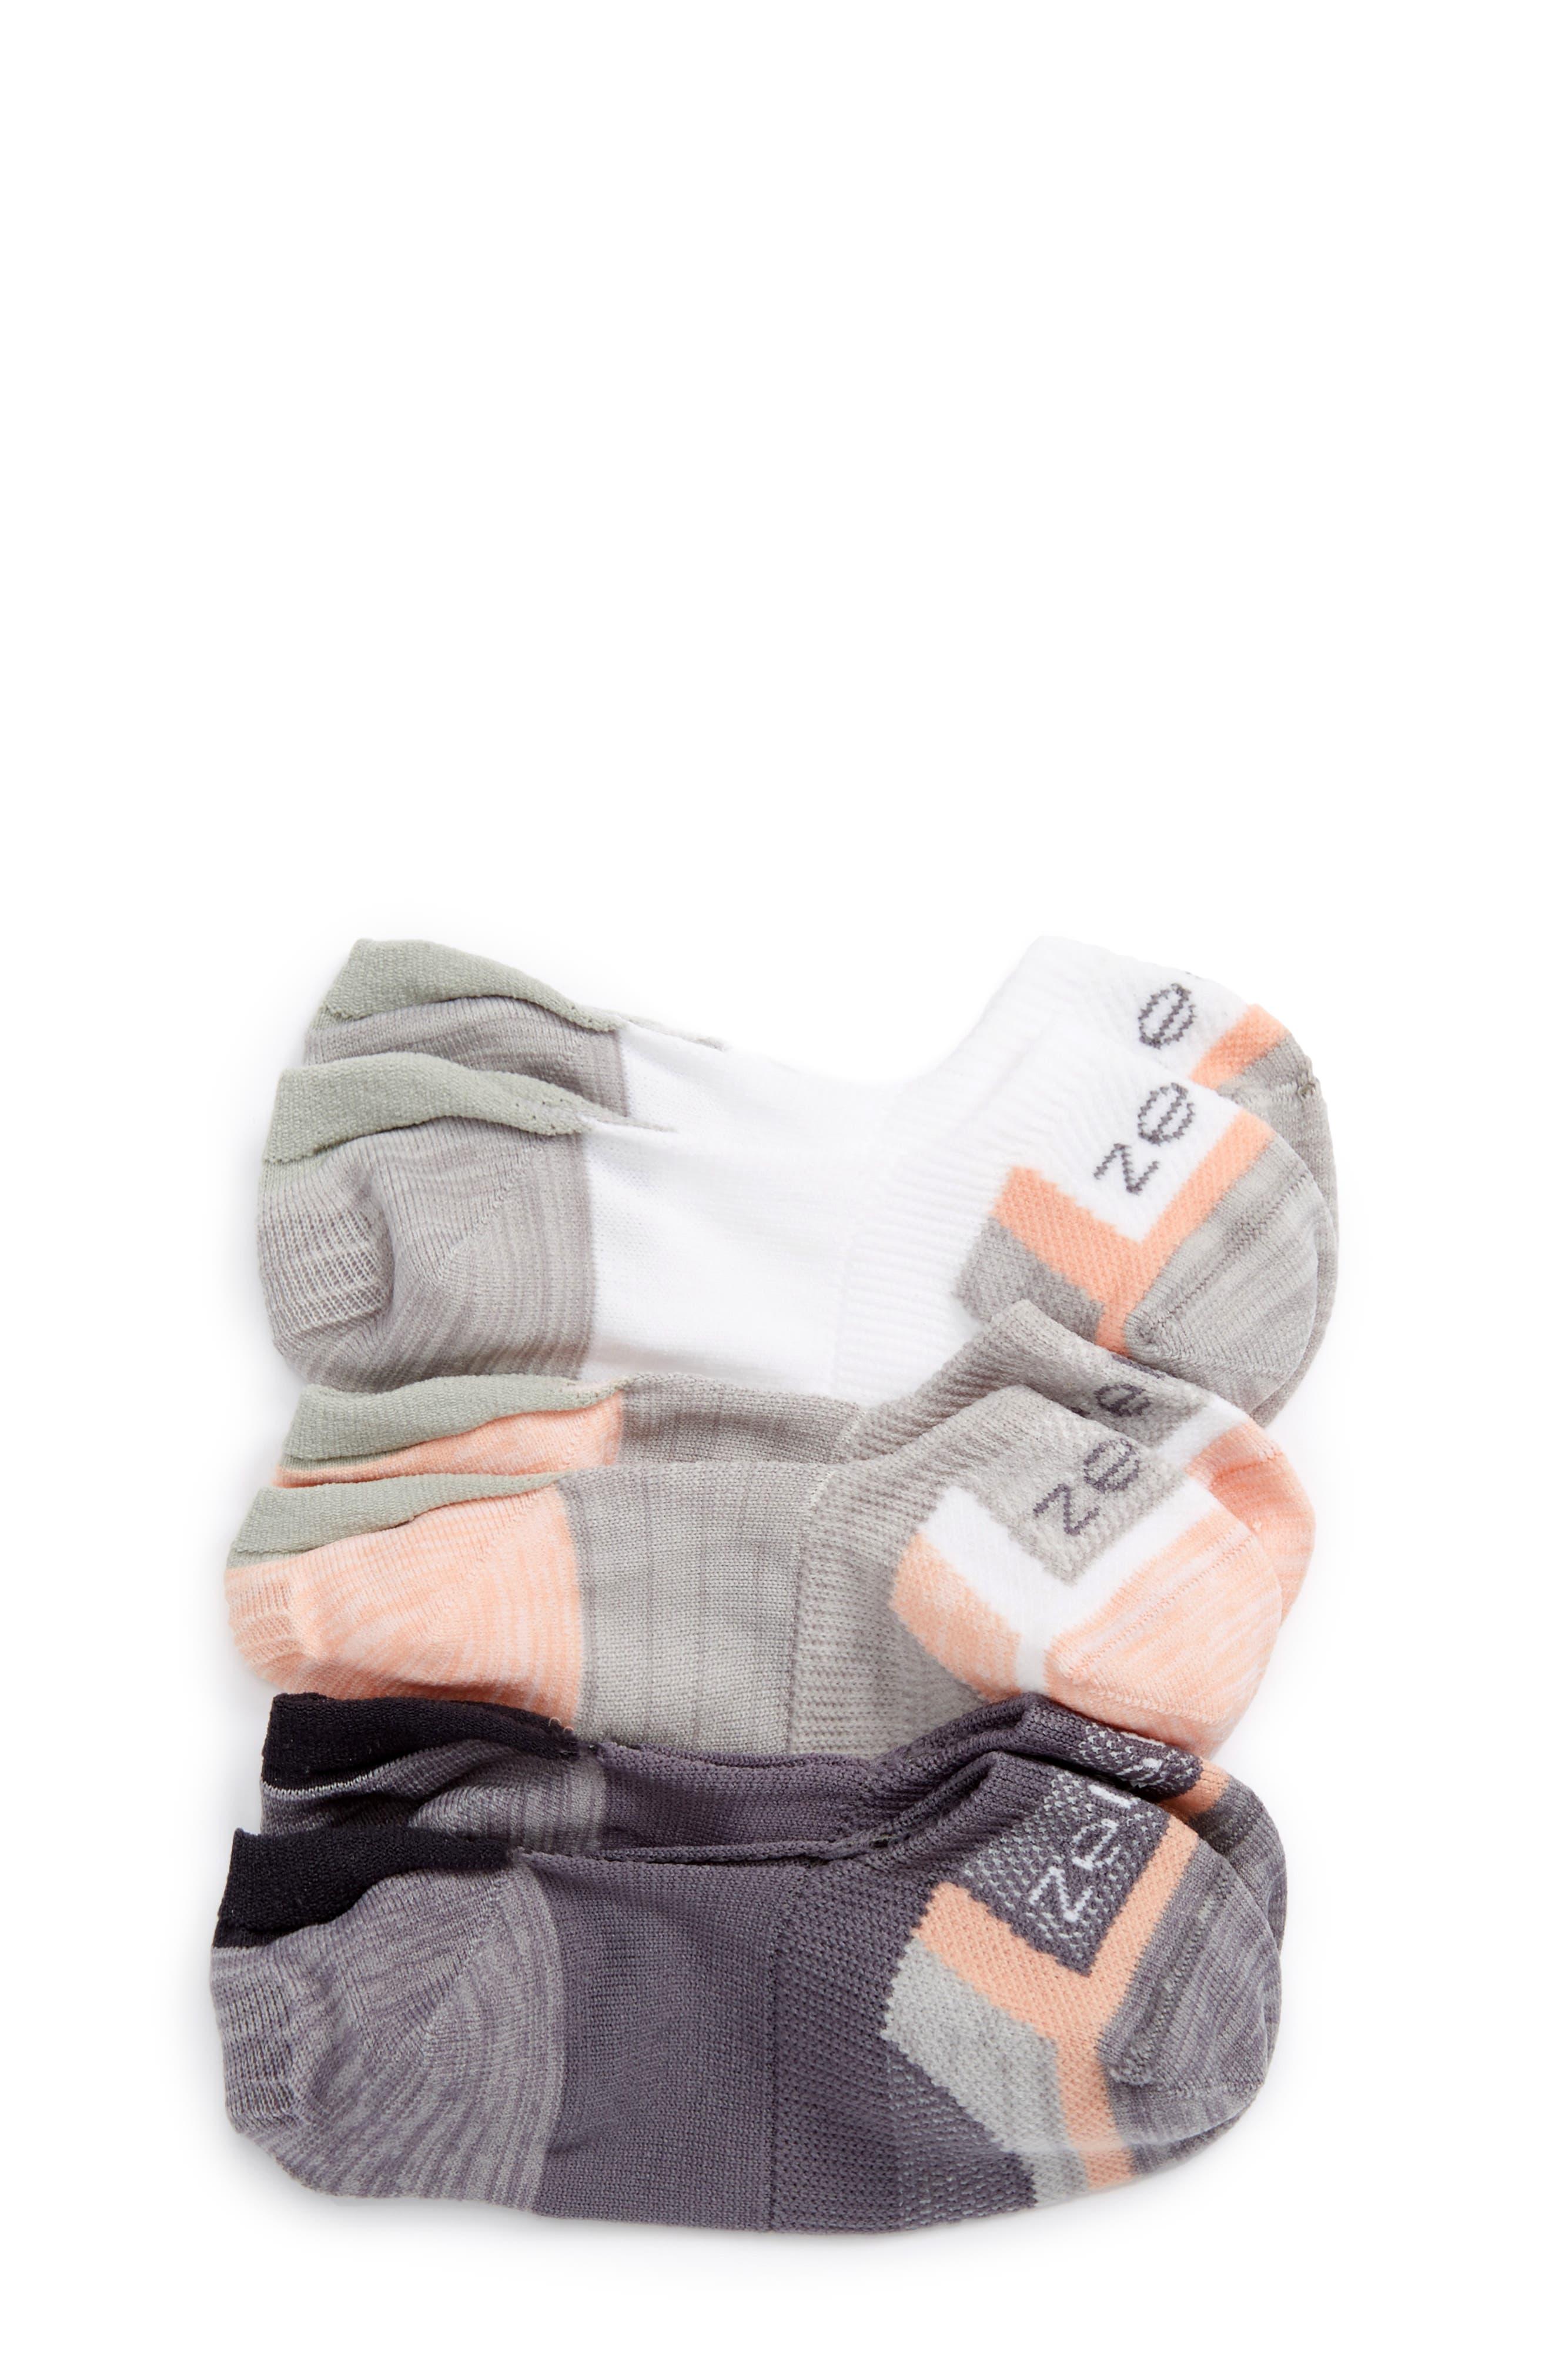 Main Image - Zella Girl Secret 3-Pack No-Show Socks (Toddler, Little Kid & Big Kid)